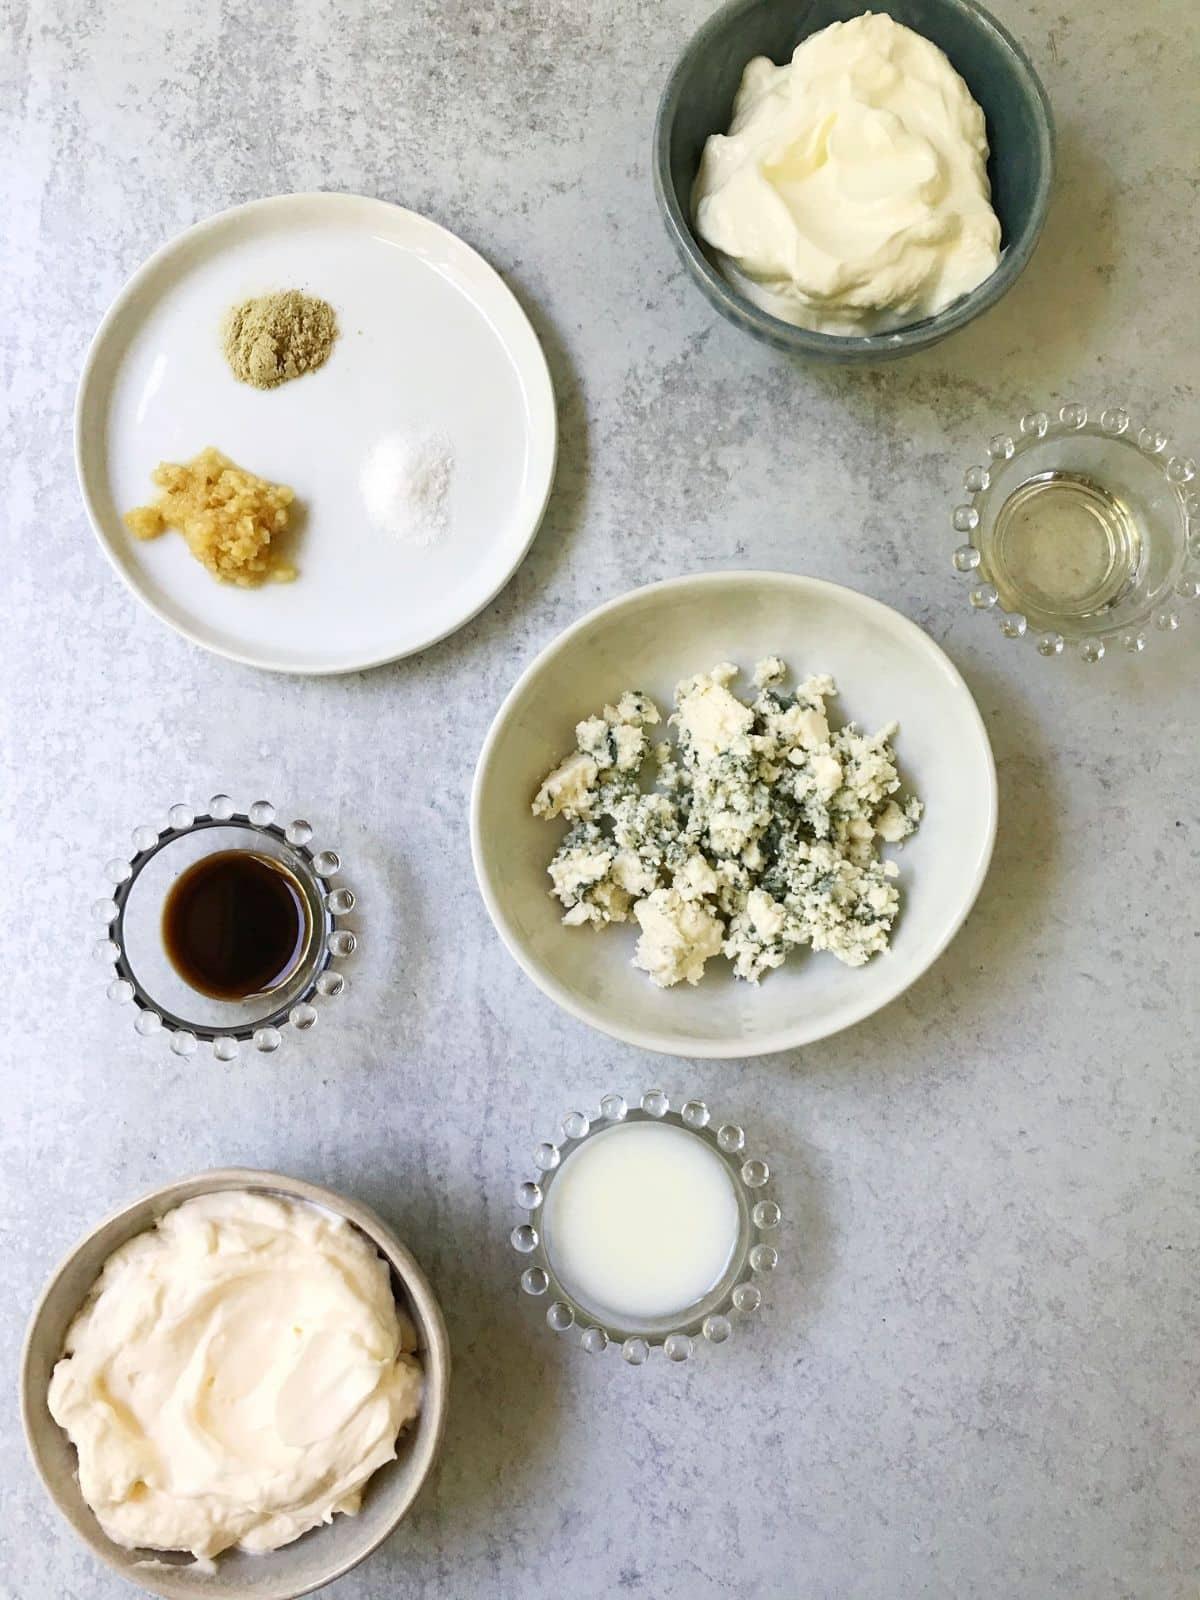 dressing ingredients - mayo, sour cream, vinegar, milk, Worcestershire, seasonings, garlic, blue cheese